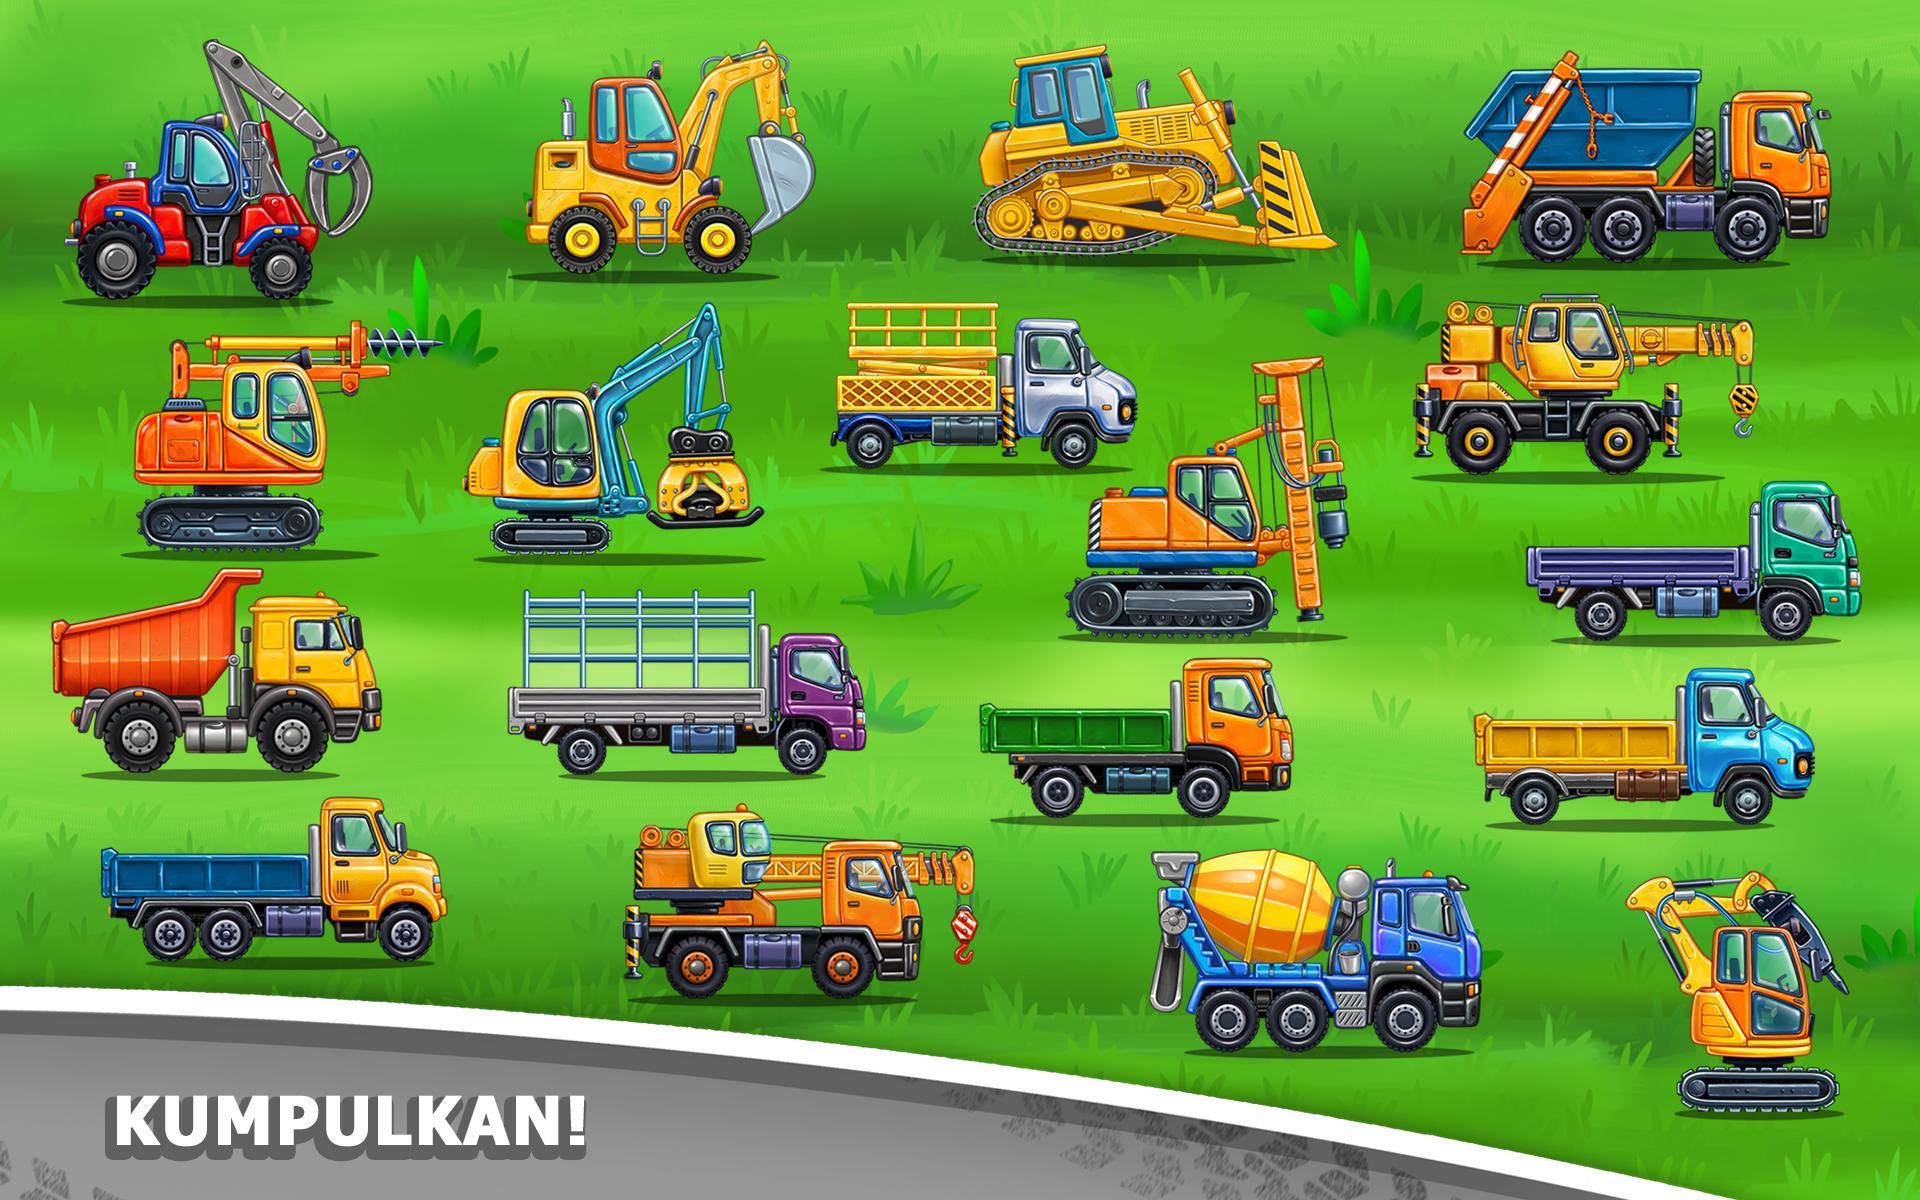 Game Anak Anak Mobil Truk Game Edukasi Anak For Android Apk Download